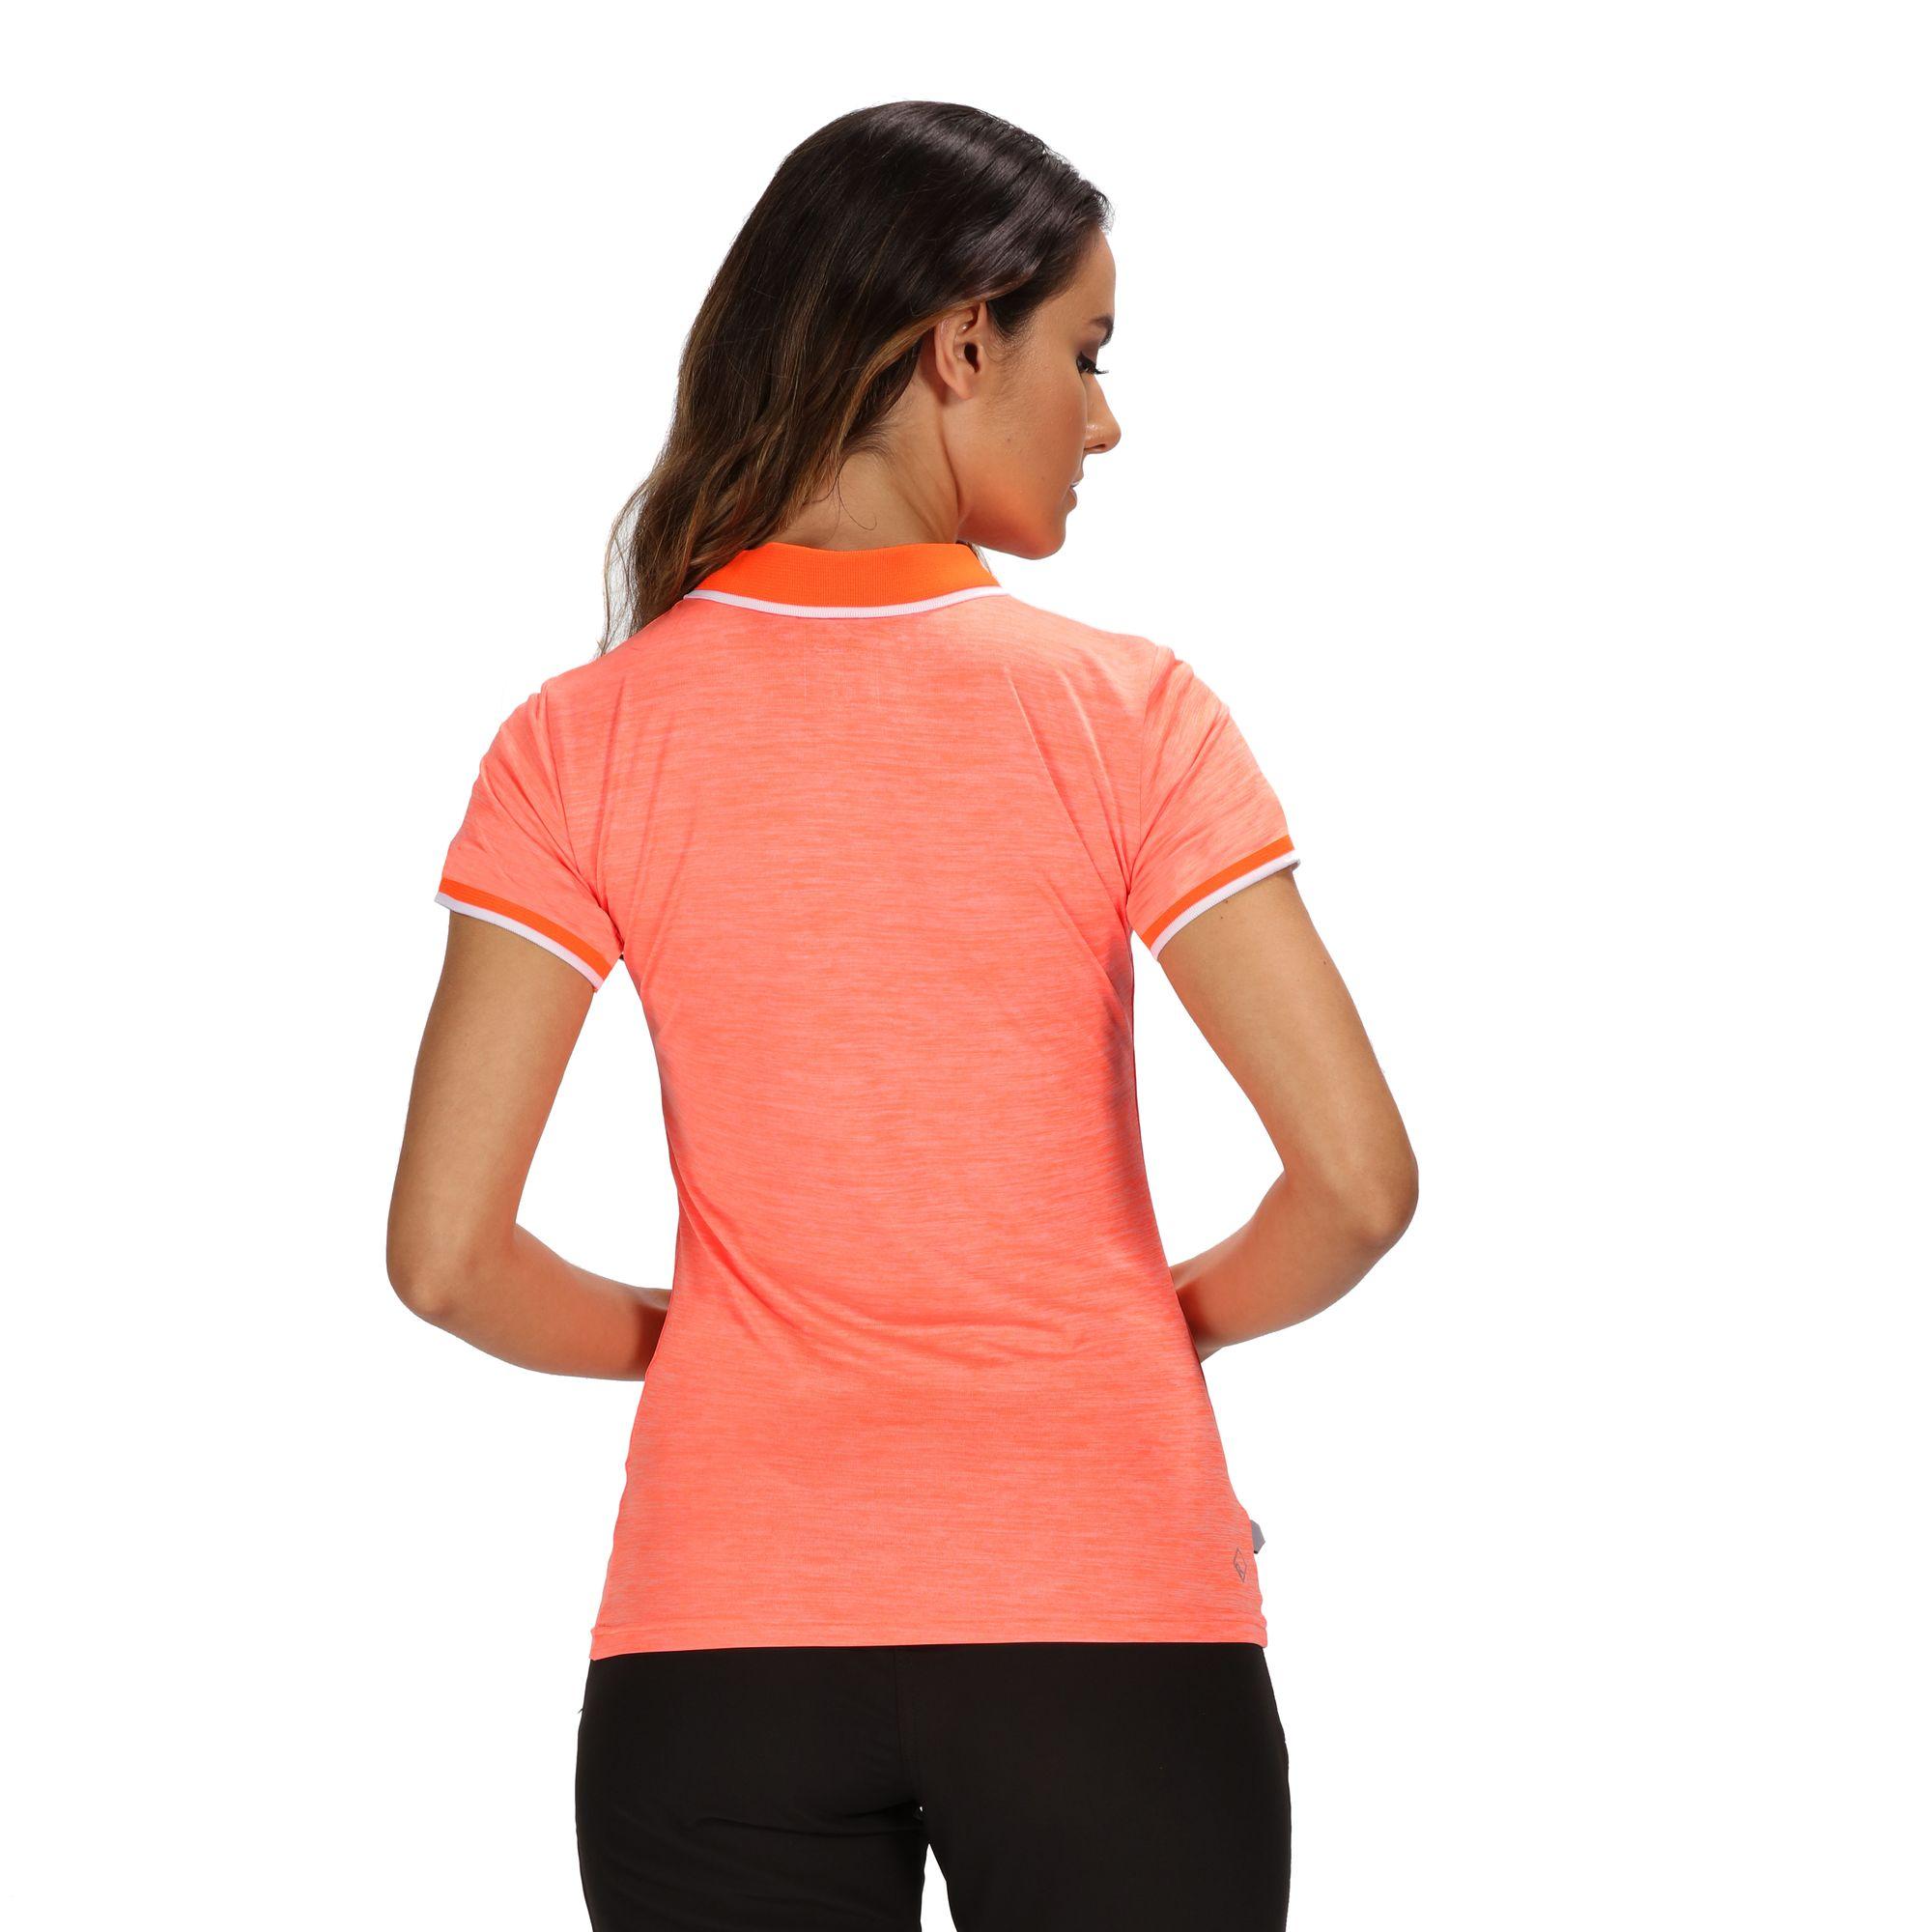 Regatta-Womens-Ladies-Remex-II-Polo-Neck-T-Shirt-RG4477 thumbnail 21